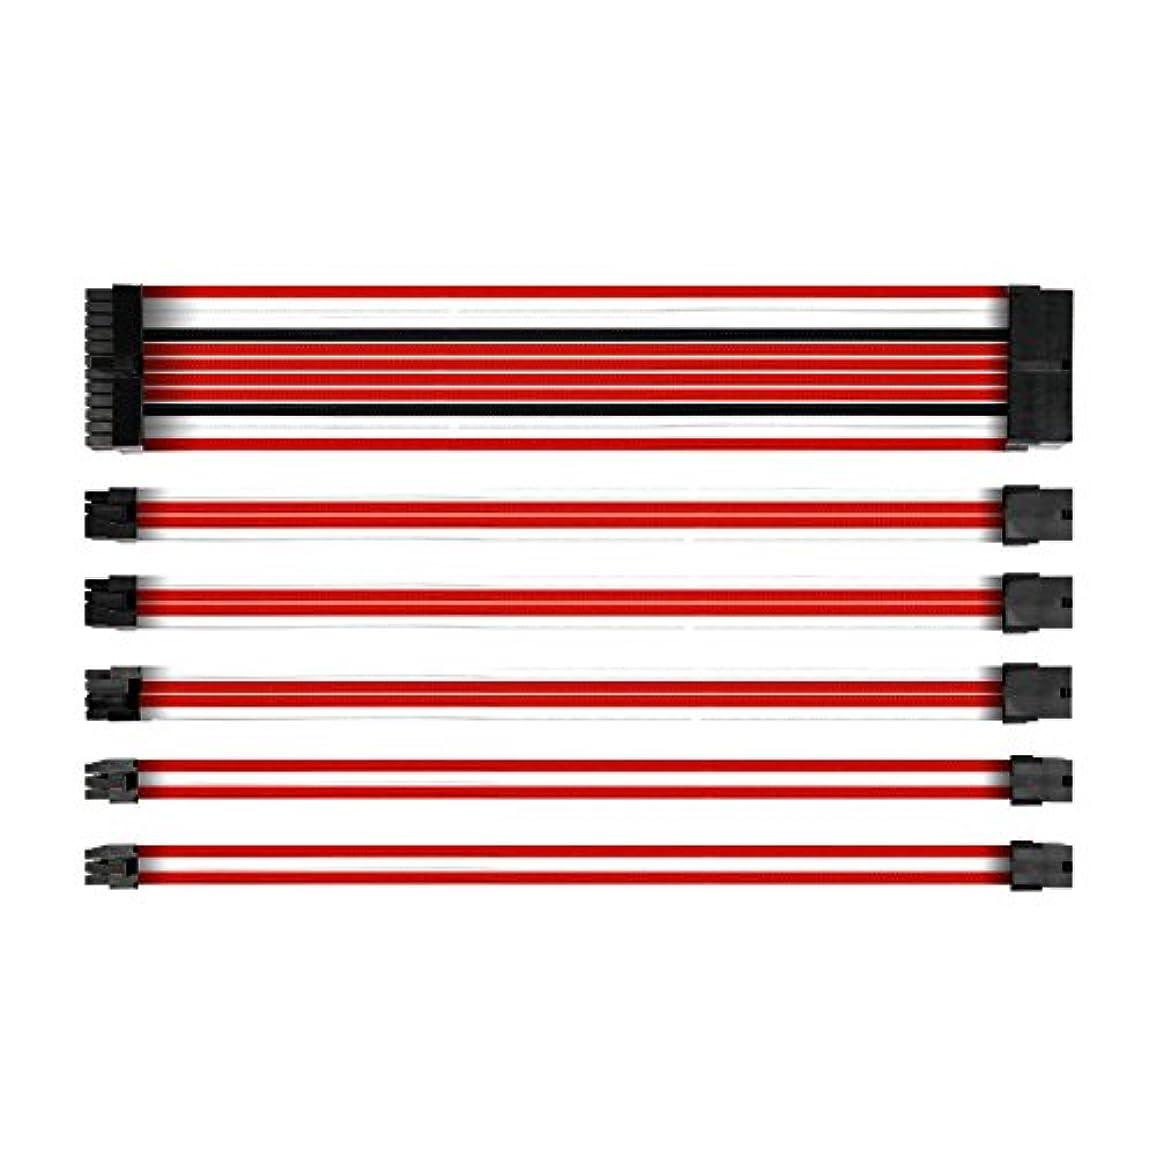 独立して思慮深い経済Antec Mod スリーブ 電源ケーブル 延長キット ATX/EPS 8ピン PCI-E/6ピン コーム付き 300mm AMGPSUSC30-301